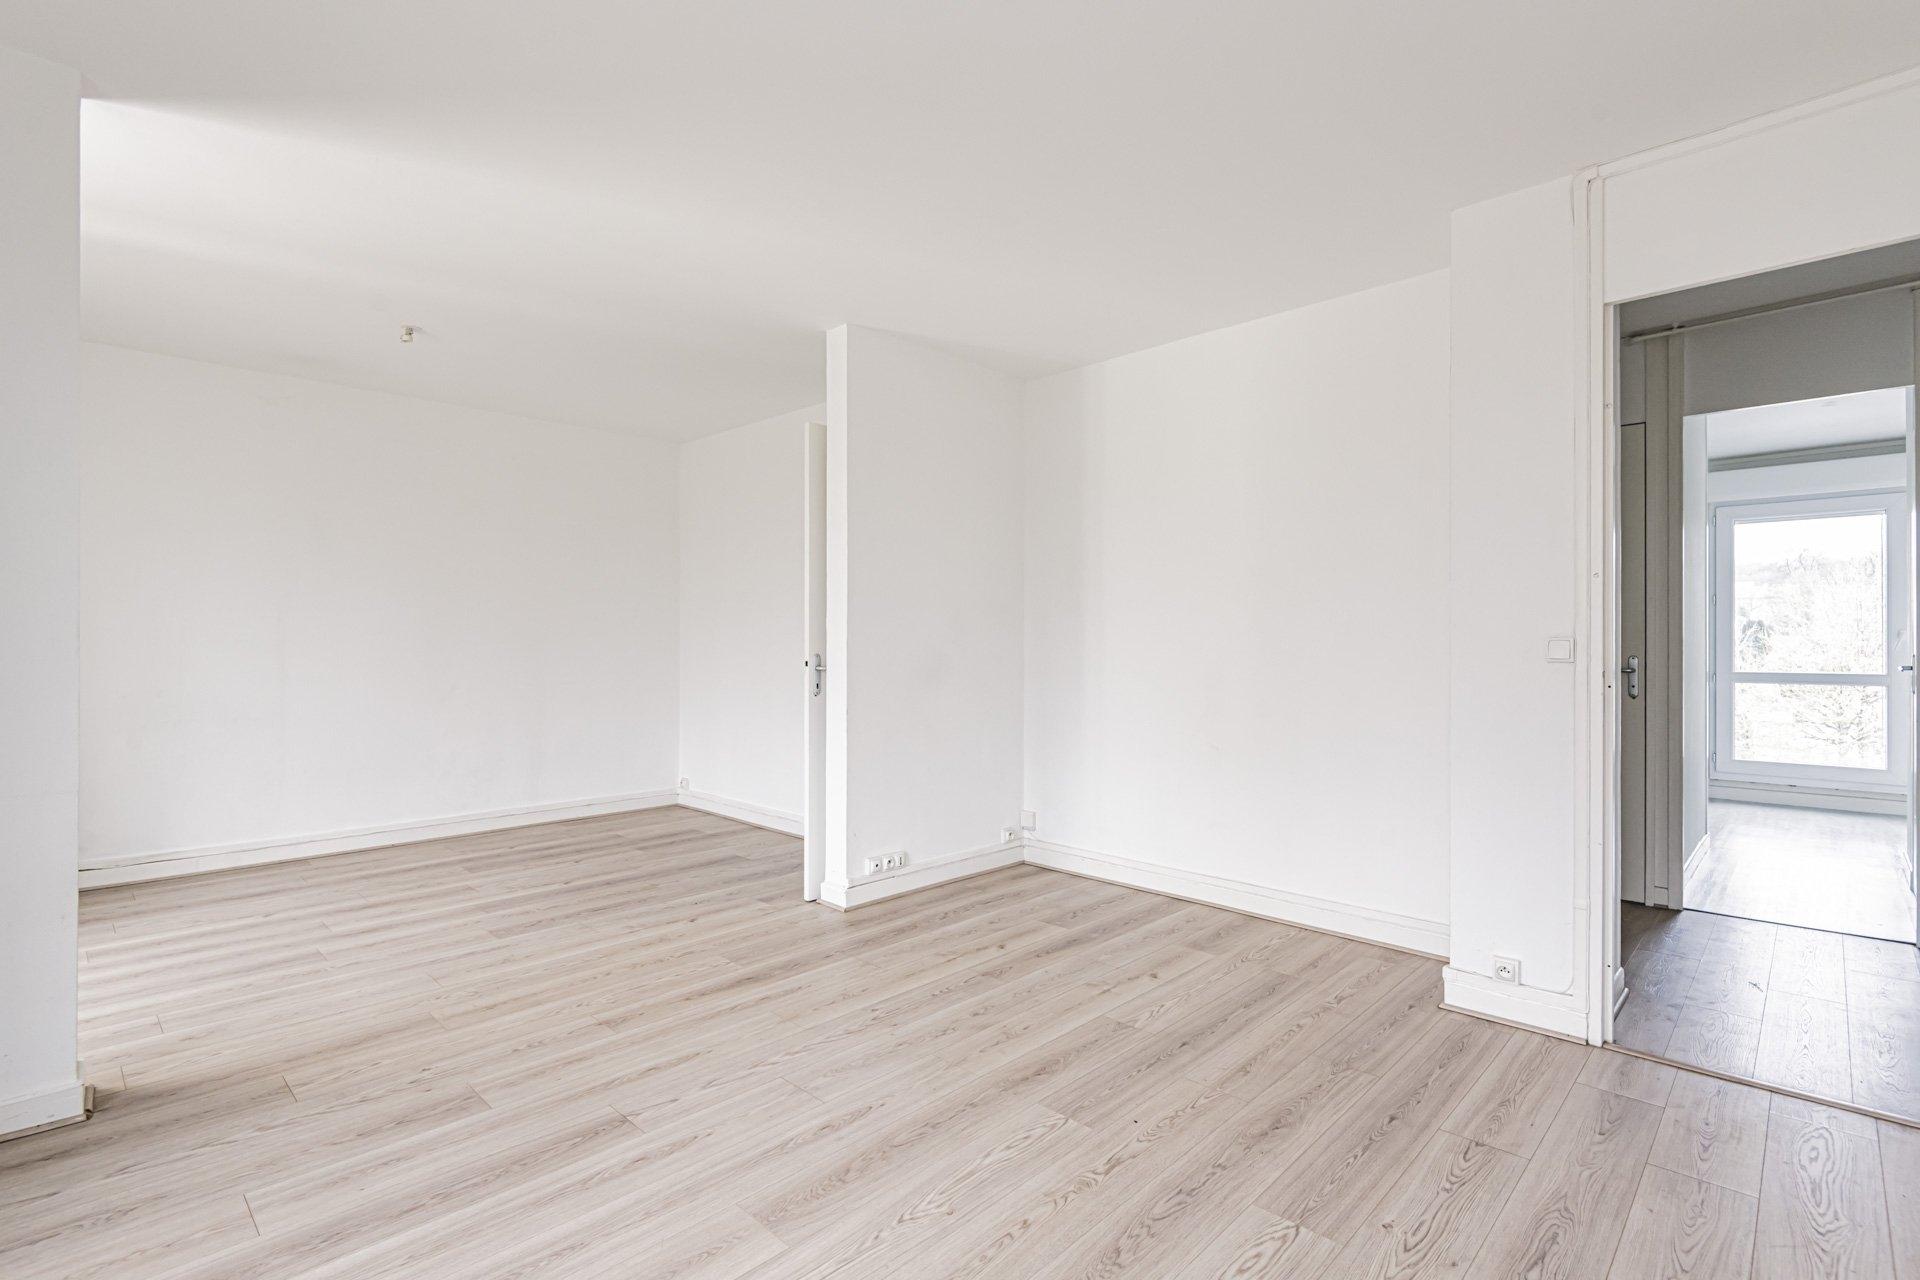 Appartement Reims 4 Pièces 69.2 m2 - 2